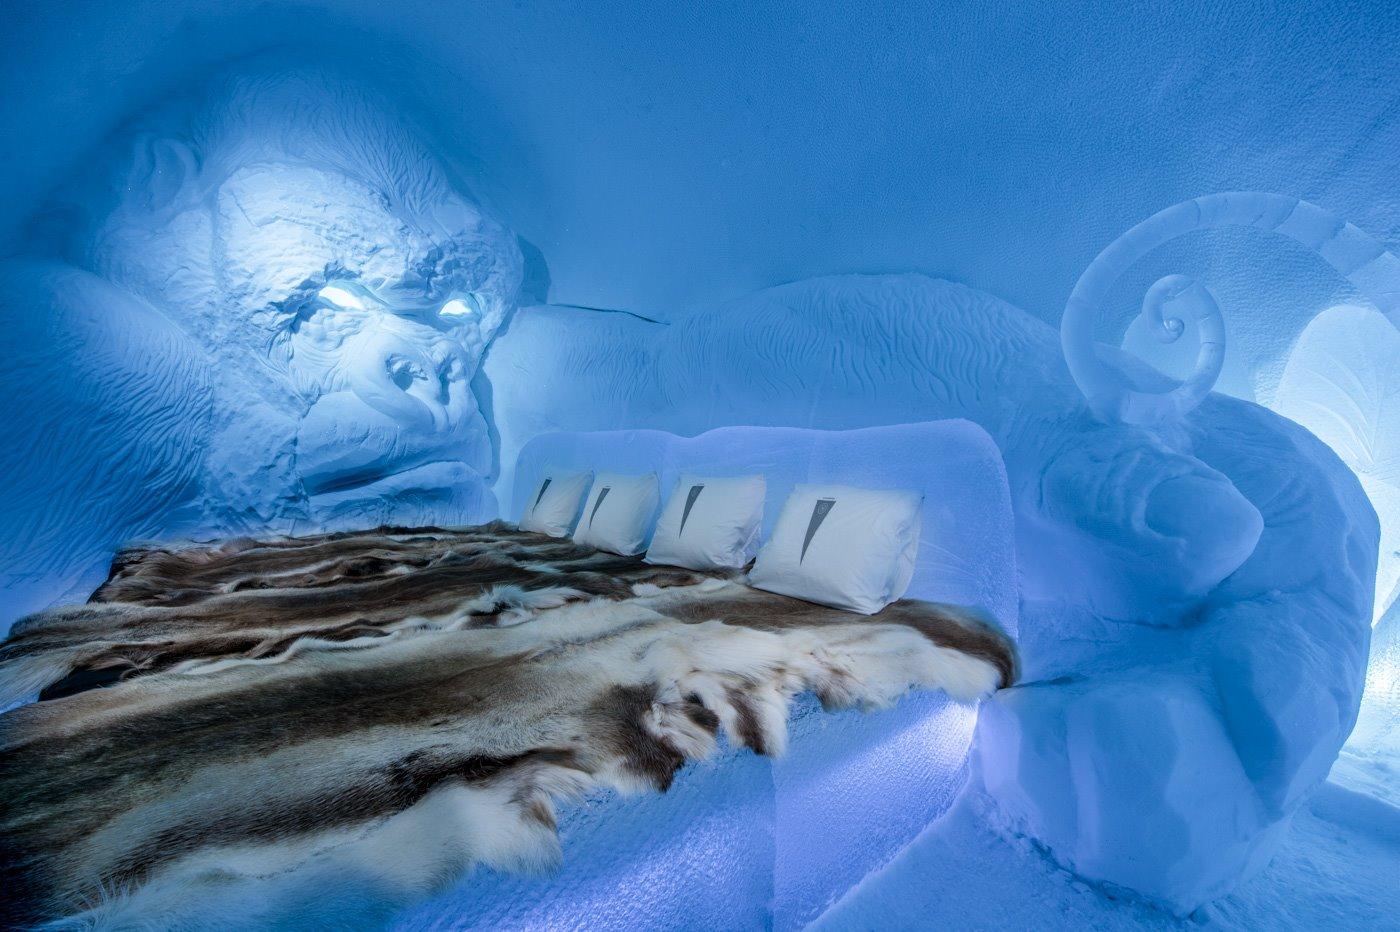 Hoteles de hielo: 5 hospedajes sin temor al frío